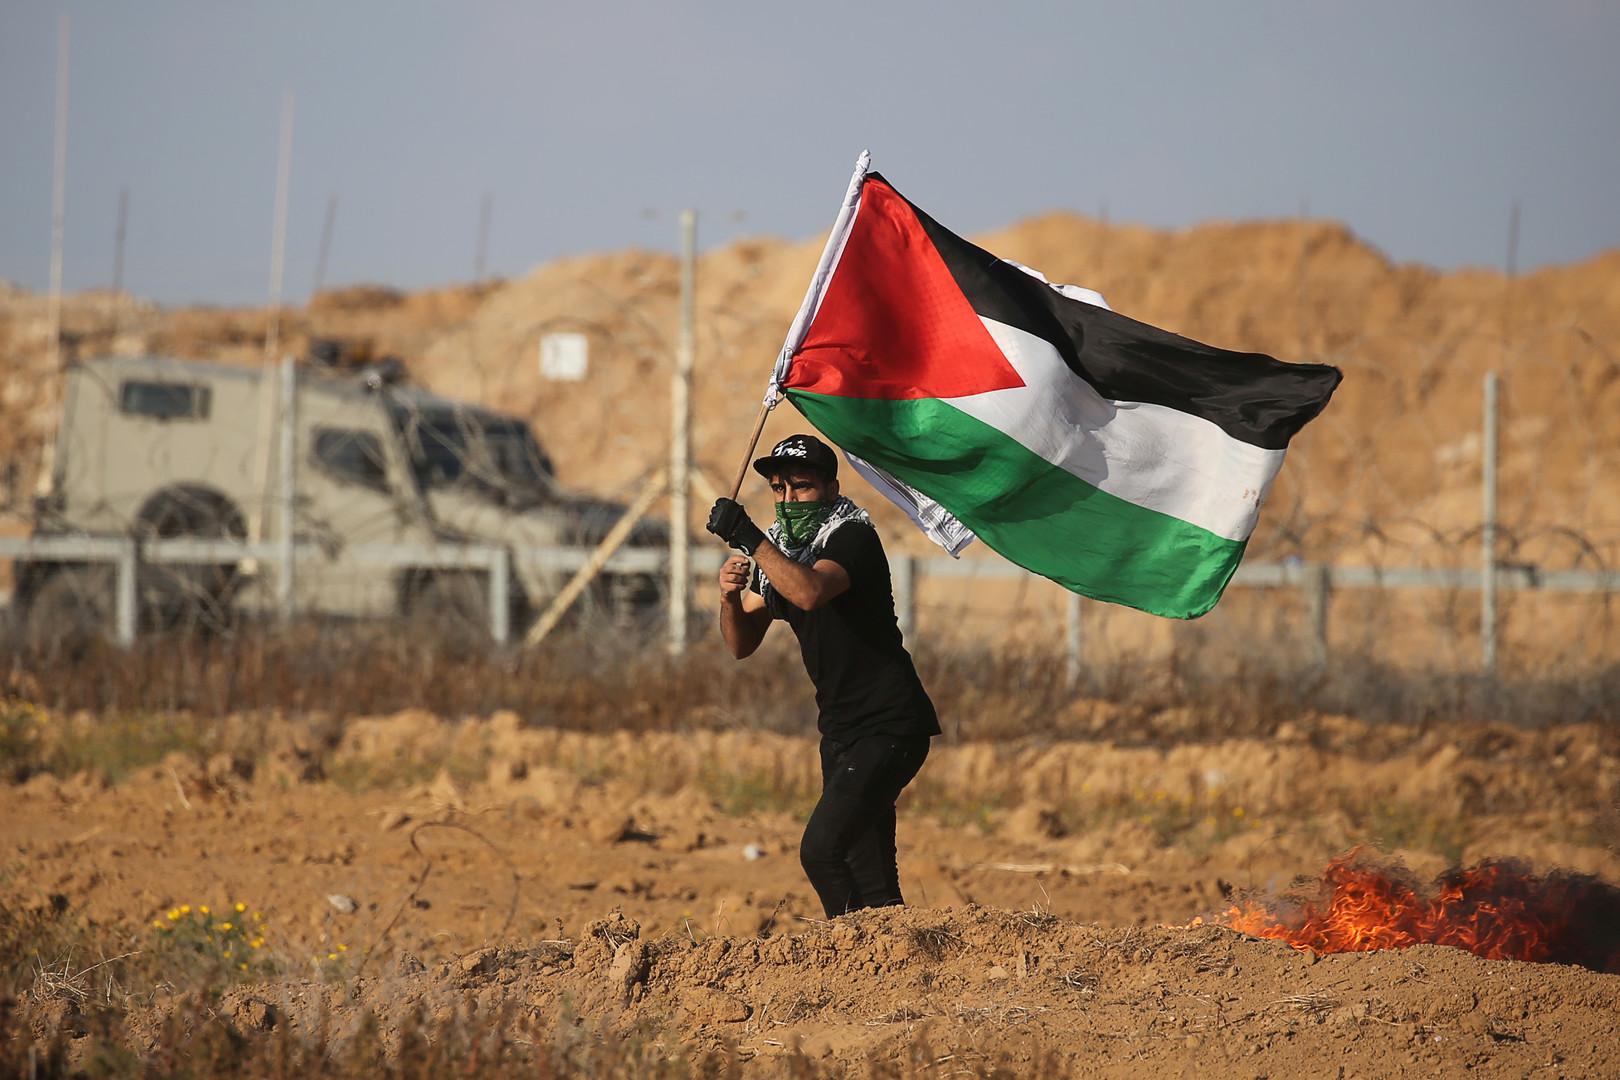 بعد نحو شهر من اعتقاله.. وفاة أسير فلسطيني في سجنه الانفرادي